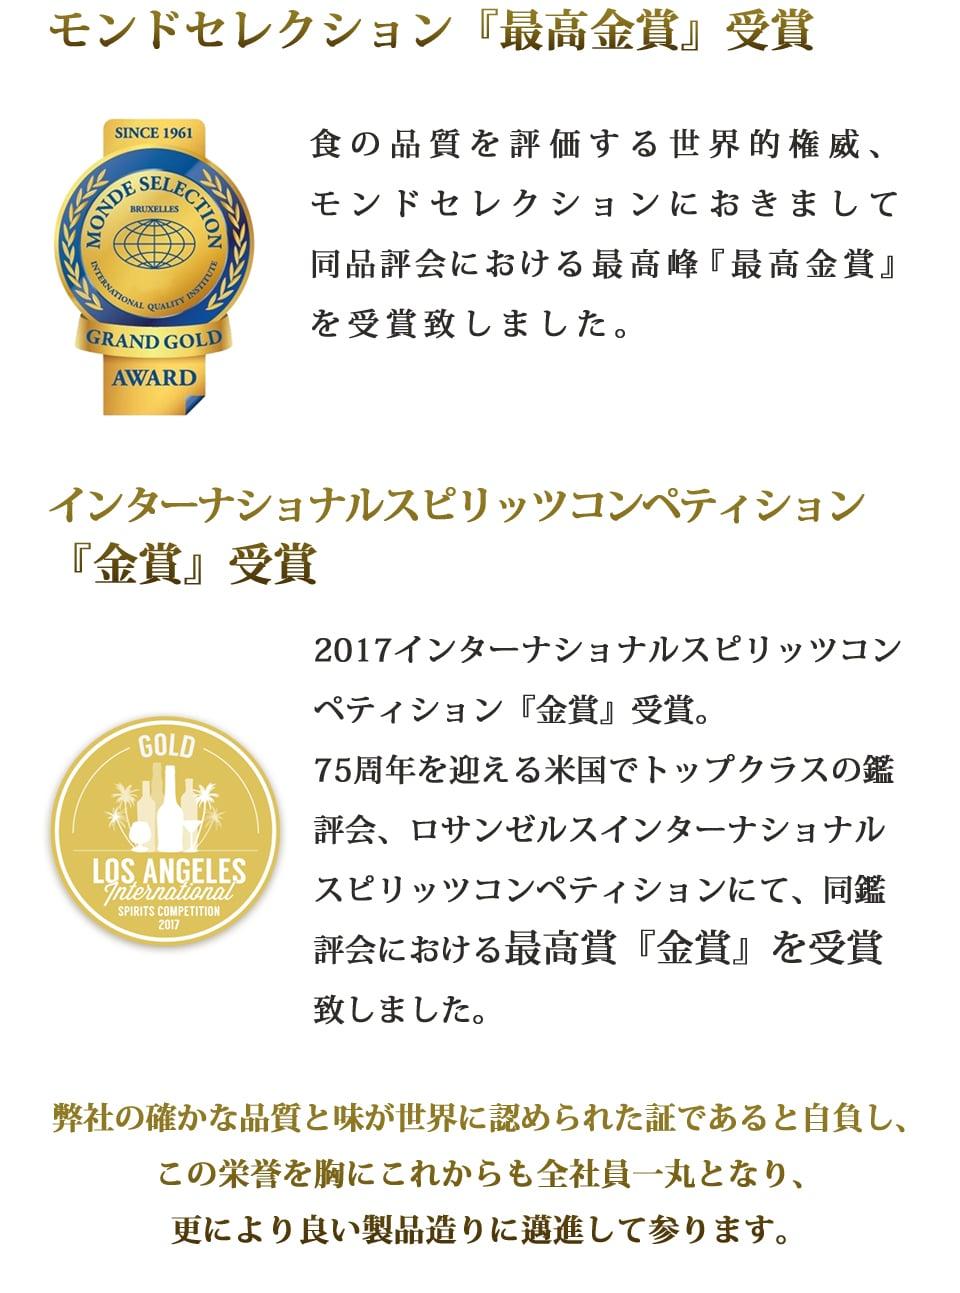 モンドセレクション『最高金賞』受賞